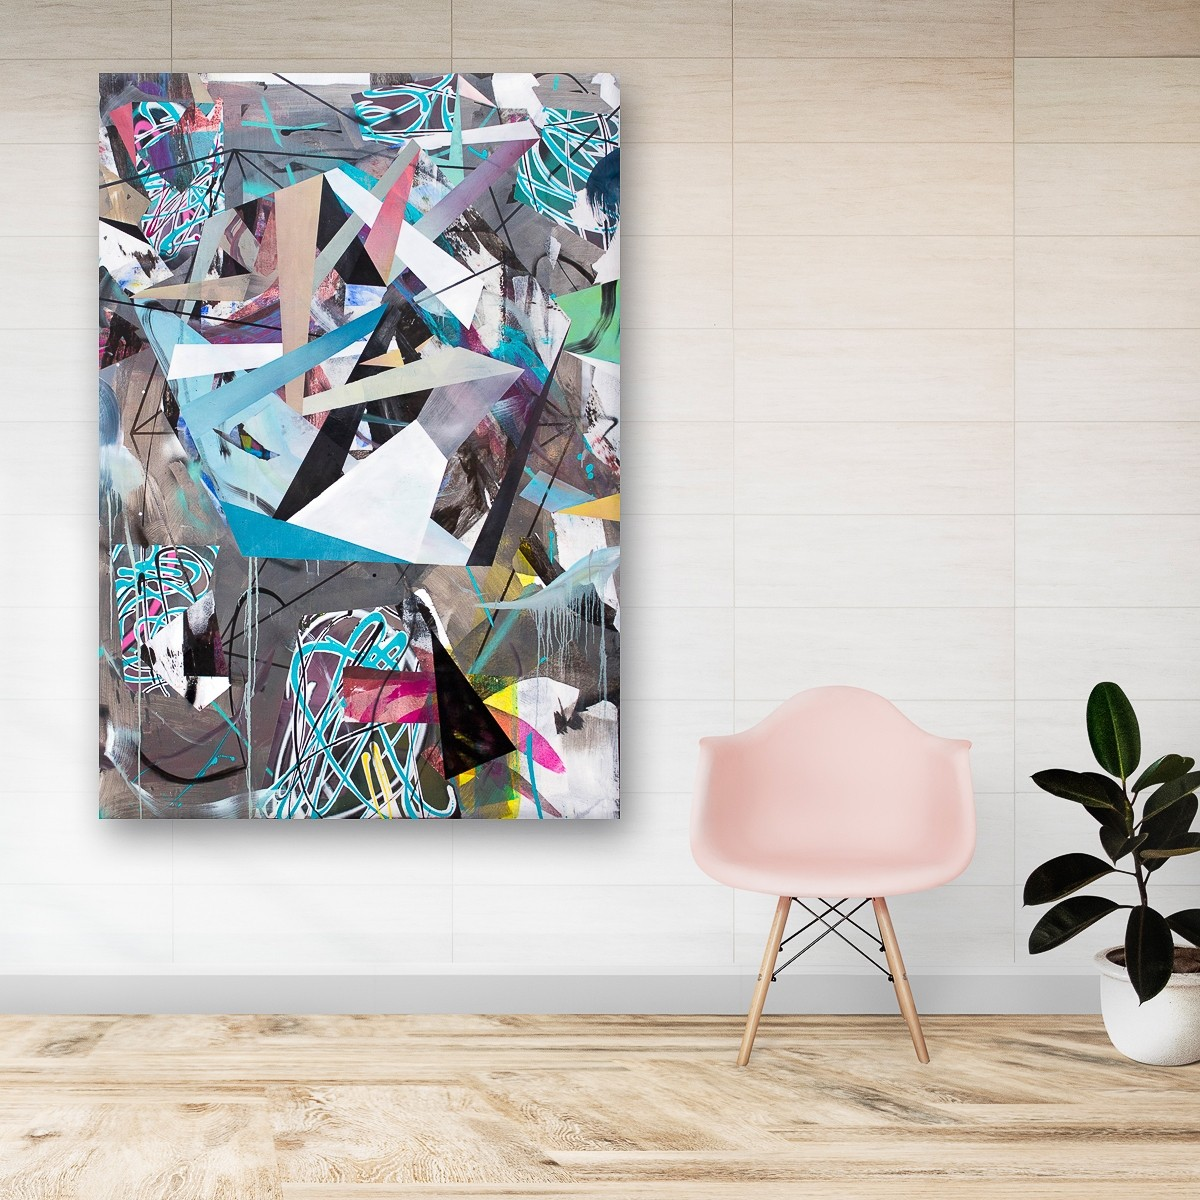 O.T. 06, Malerei von Malwin Faber, Öl, Acryl und Sprühfarbe auf Leinwand - 02